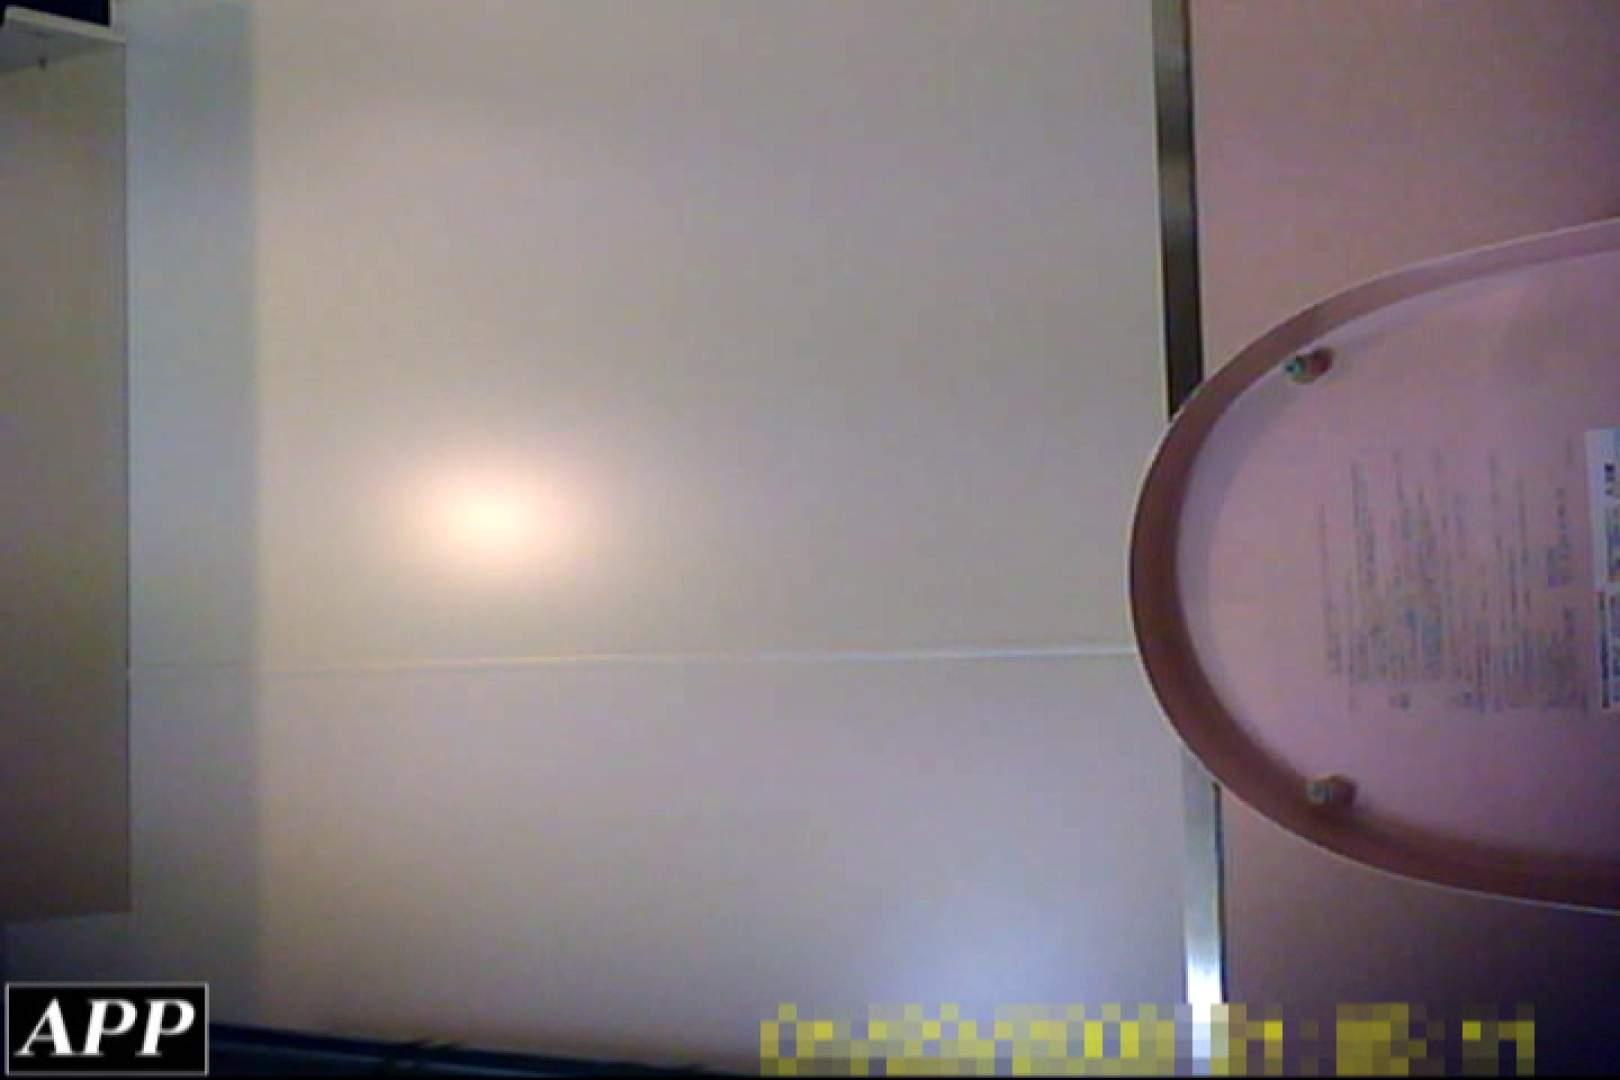 3視点洗面所 vol.19 オマンコ おまんこ動画流出 55pic 34